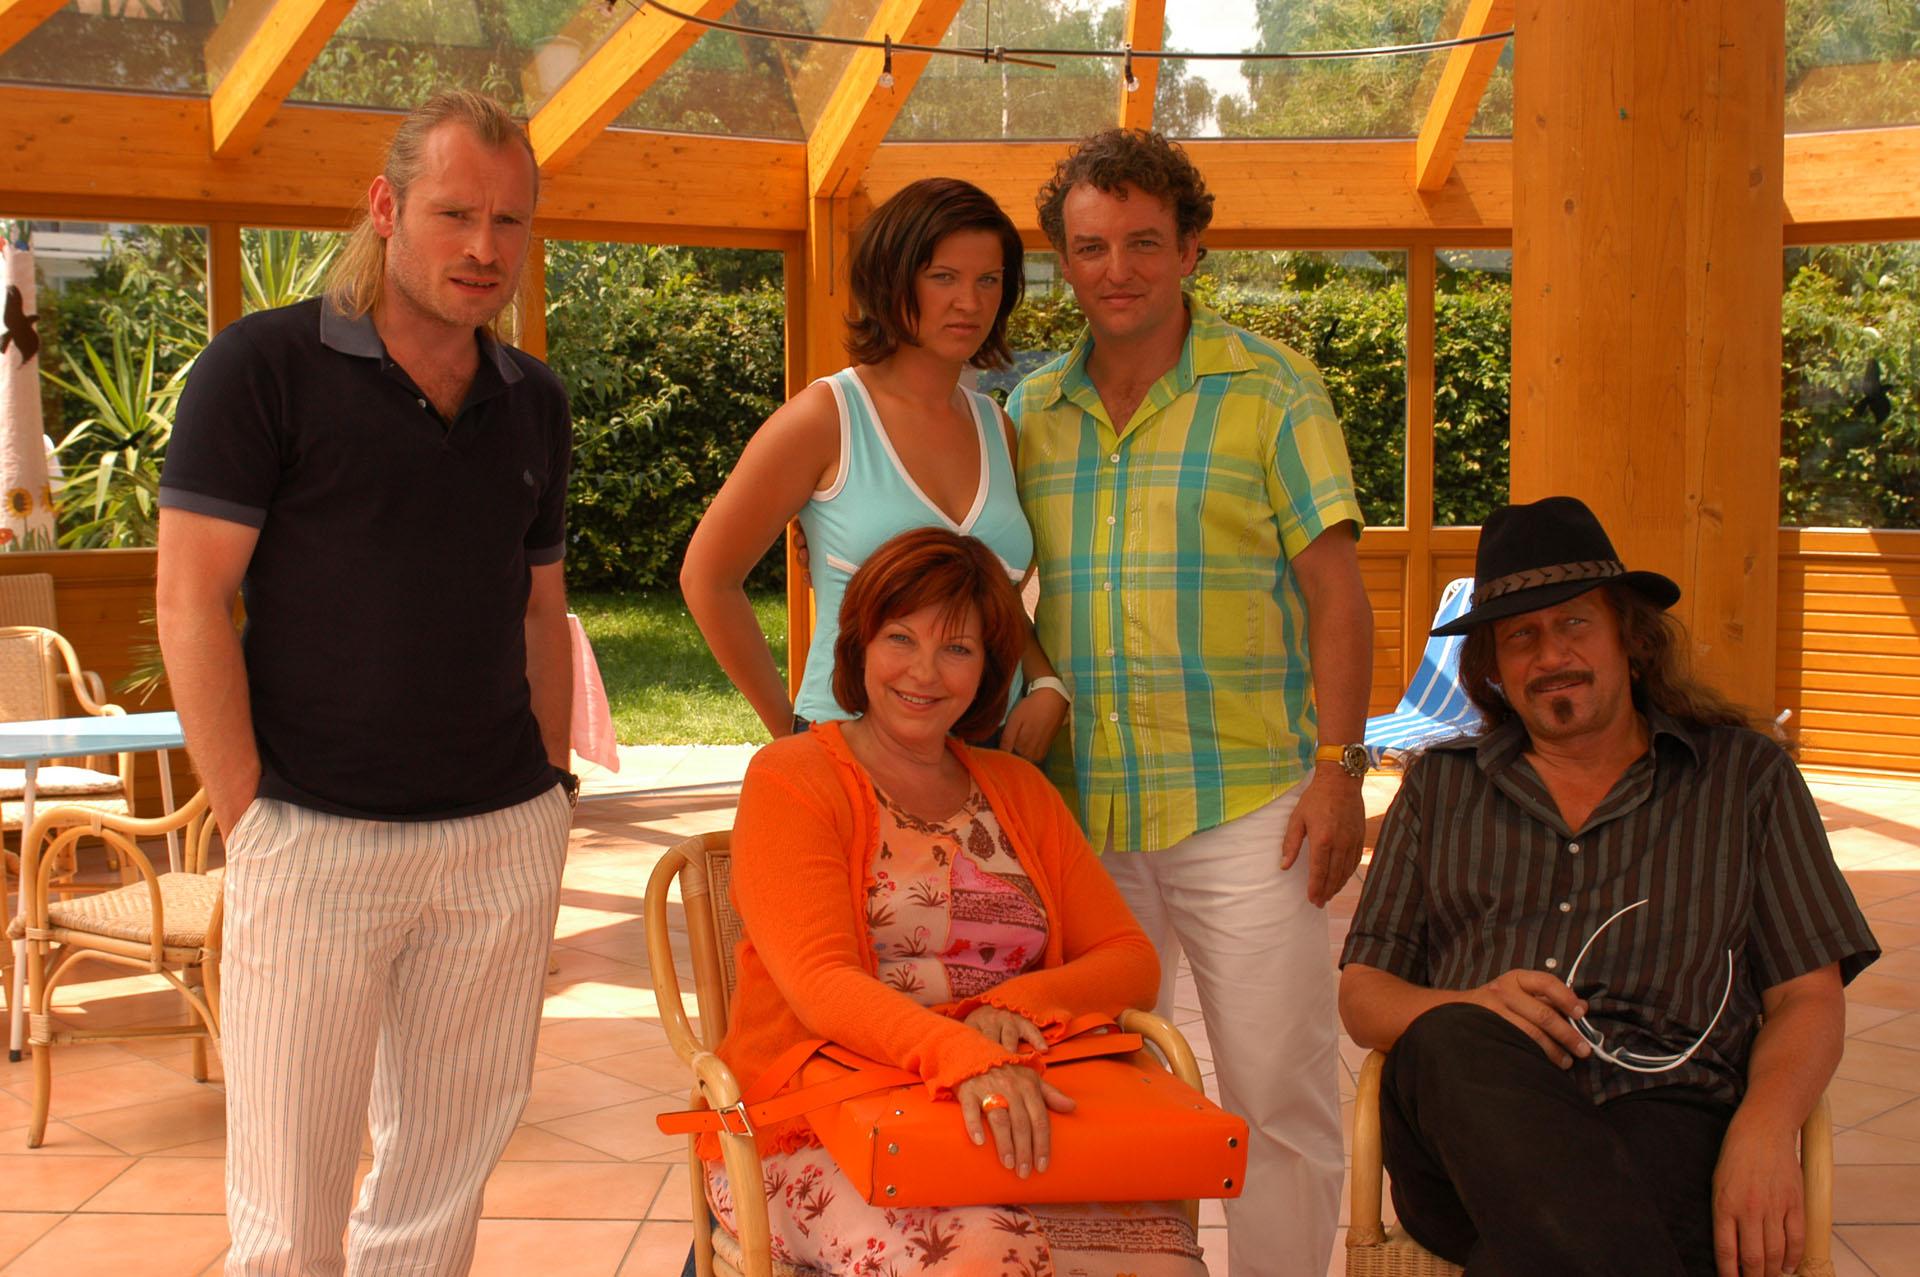 © ORF / Hubert Mican (Star*Film) - Johannes Krisch, Elfi Eschke, Magdalena Rentenberger, Marco Rima, Rainhard Fendrich